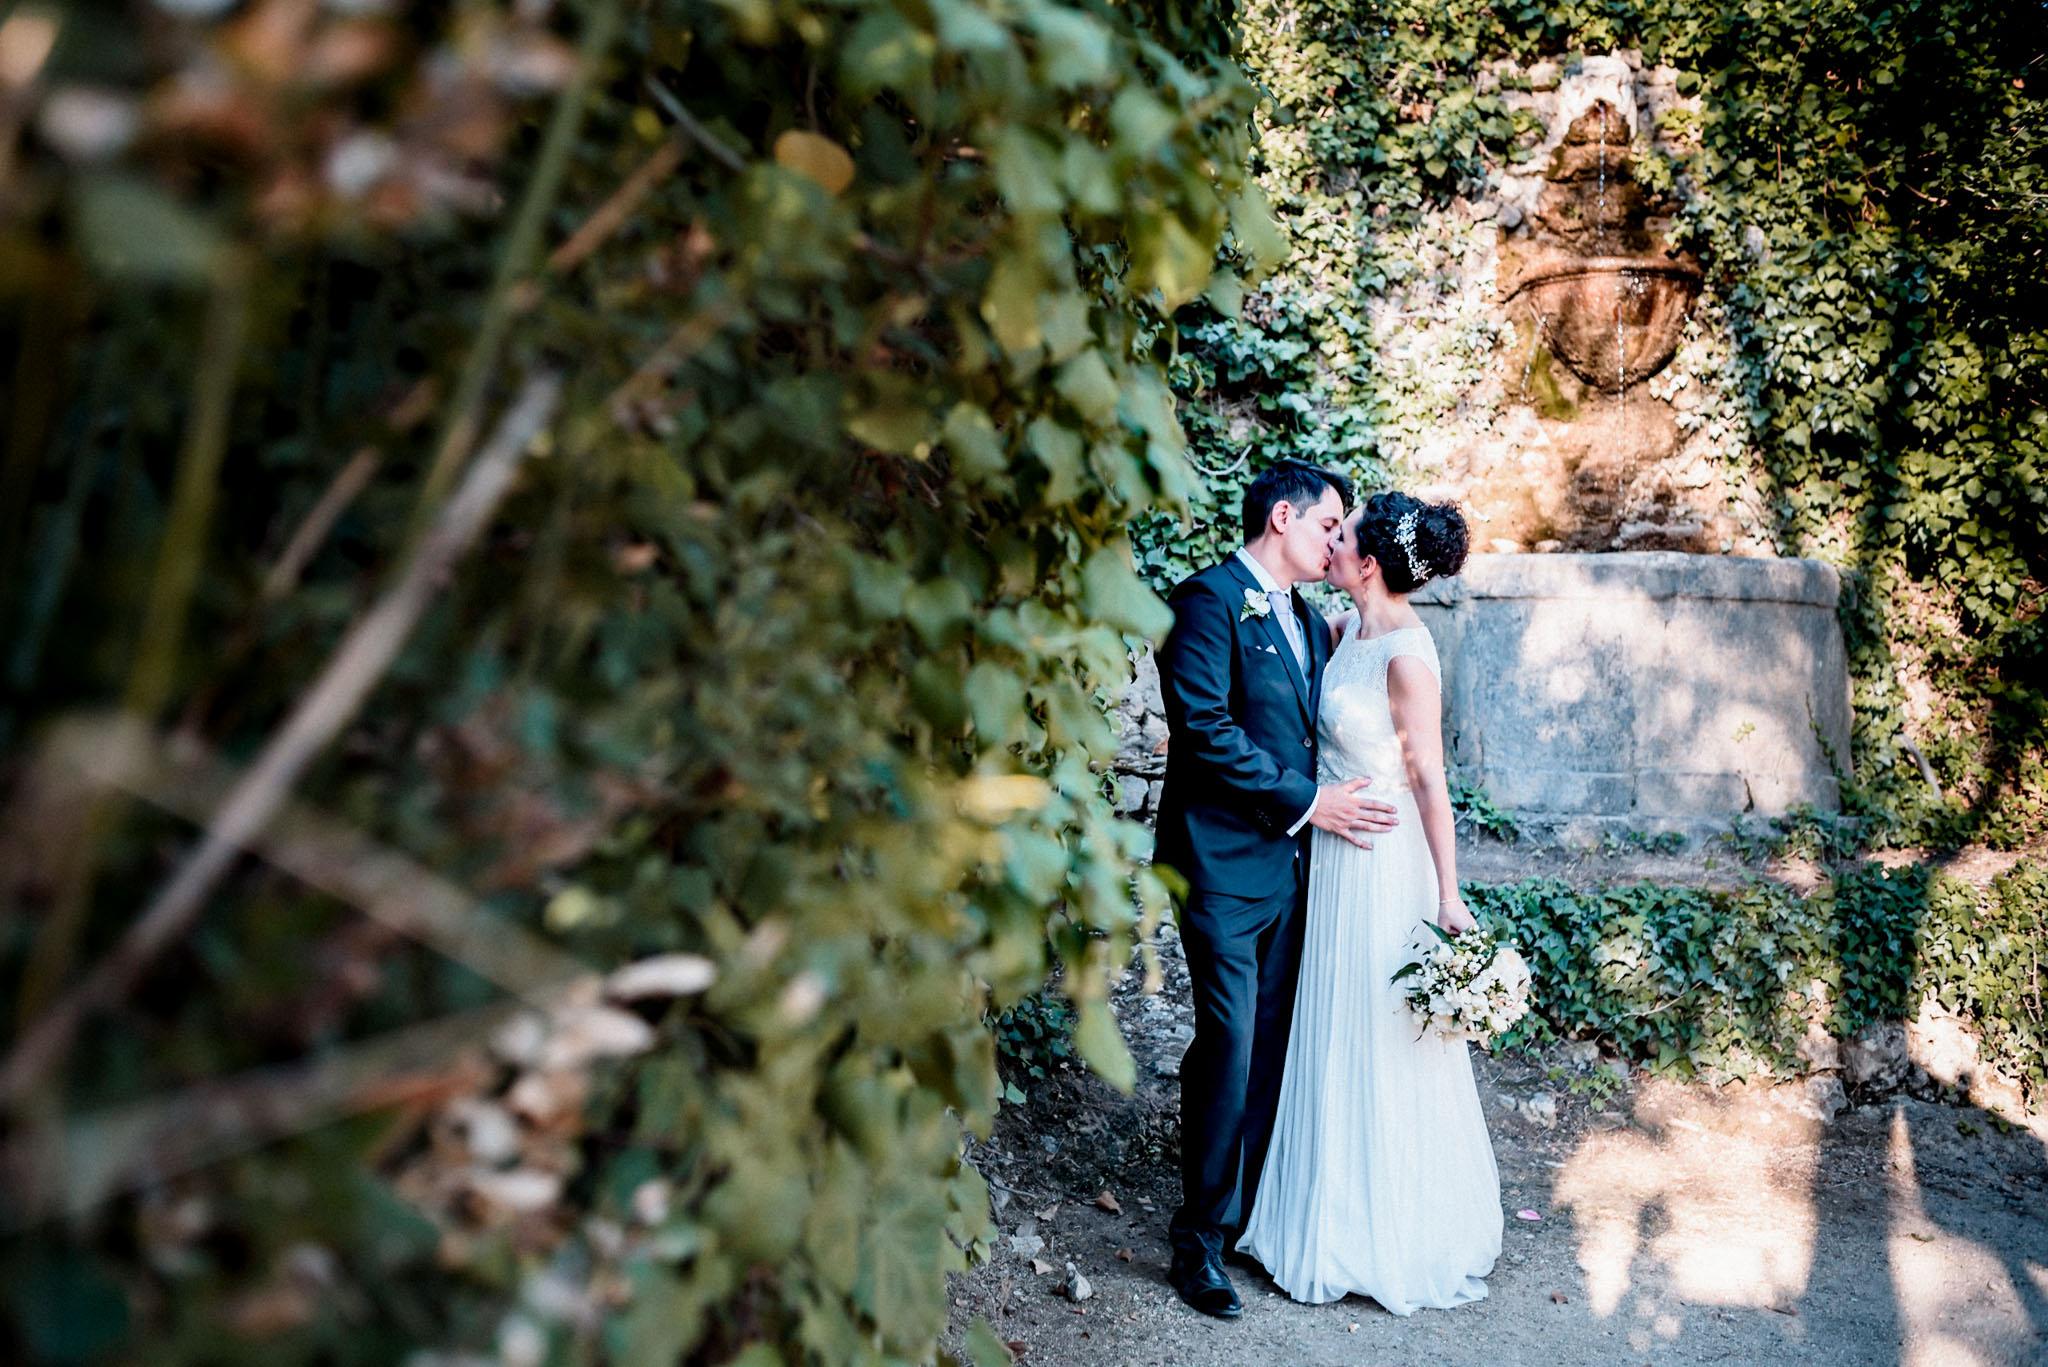 Tu boda perfecta también puede ser sostenible